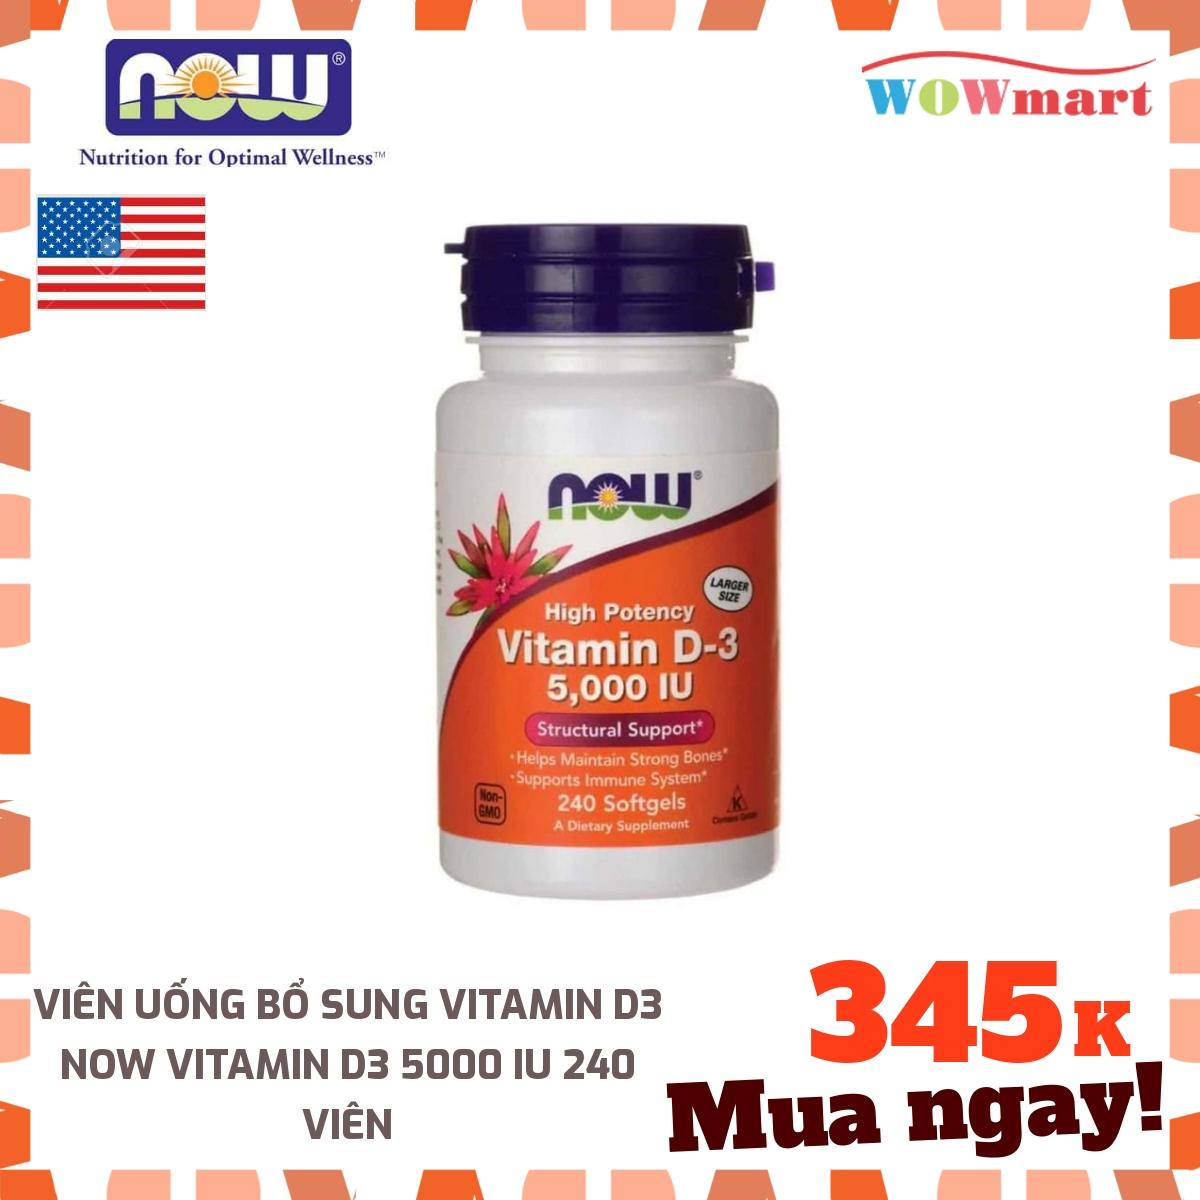 Viên uống bổ sung Vitamin D3 Now Vitamin D3 5000 IU 240 viên - [MỸ]